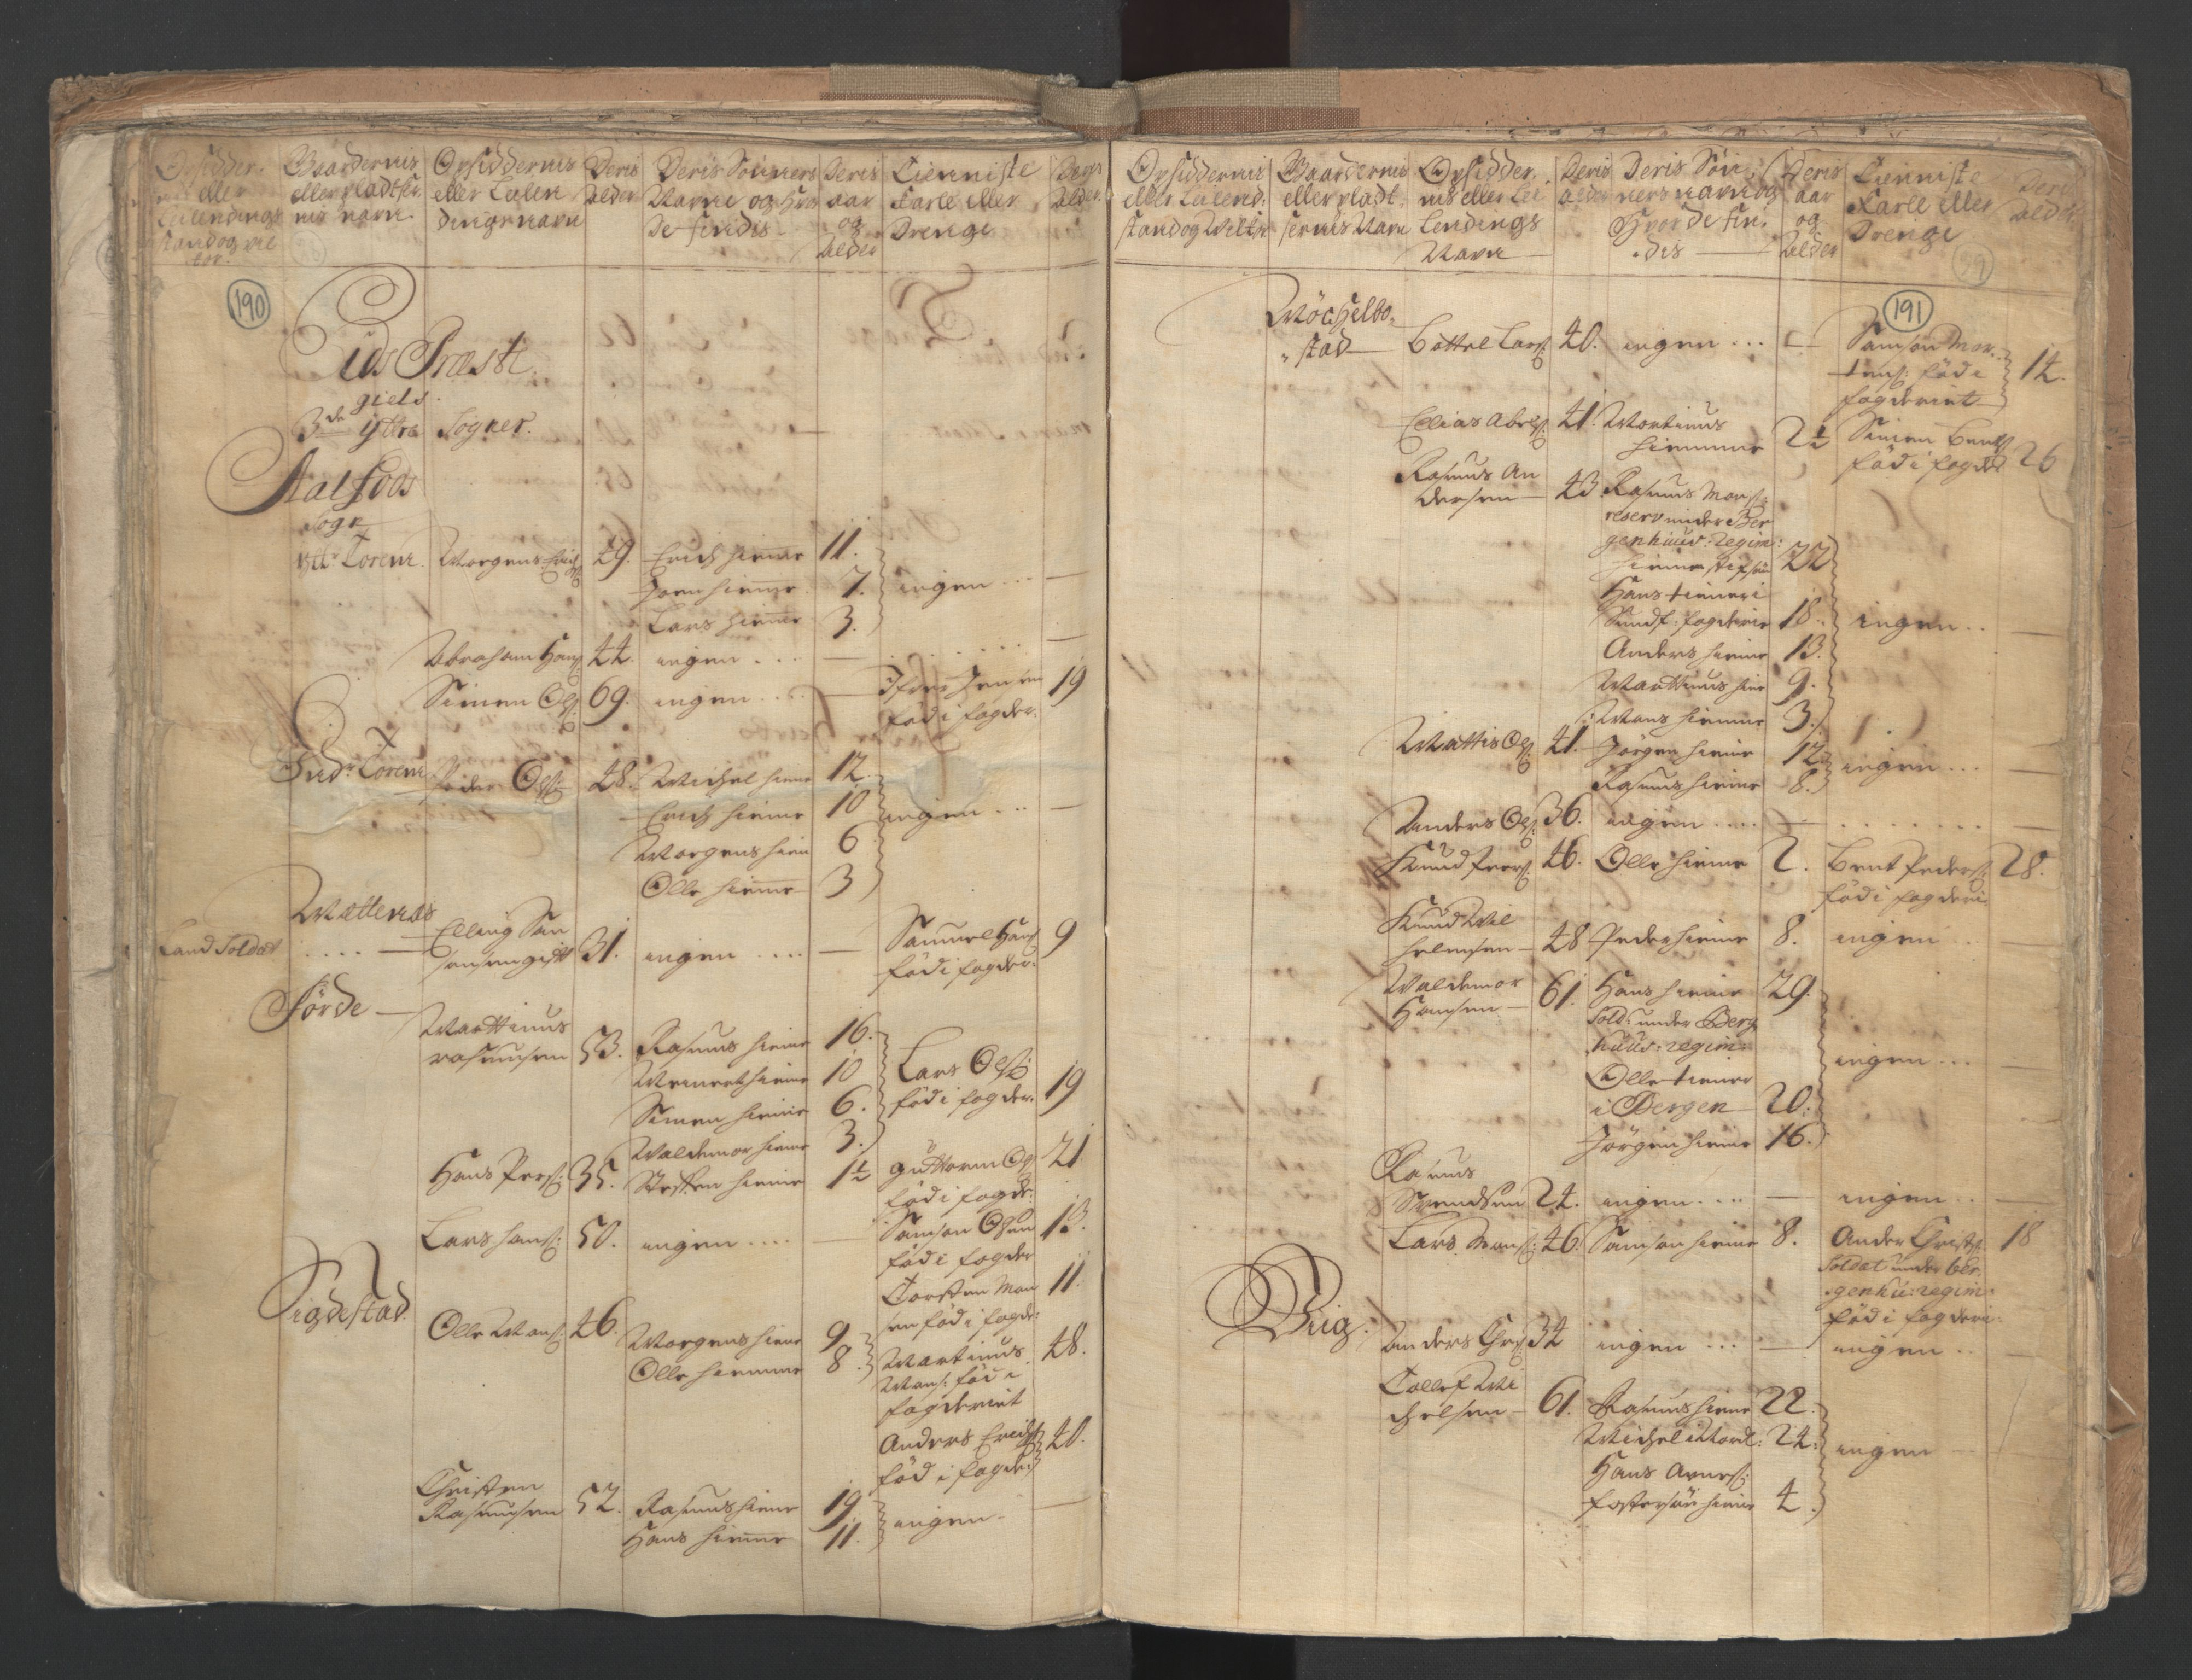 RA, Census (manntall) 1701, no. 9: Sunnfjord fogderi, Nordfjord fogderi and Svanø birk, 1701, p. 190-191